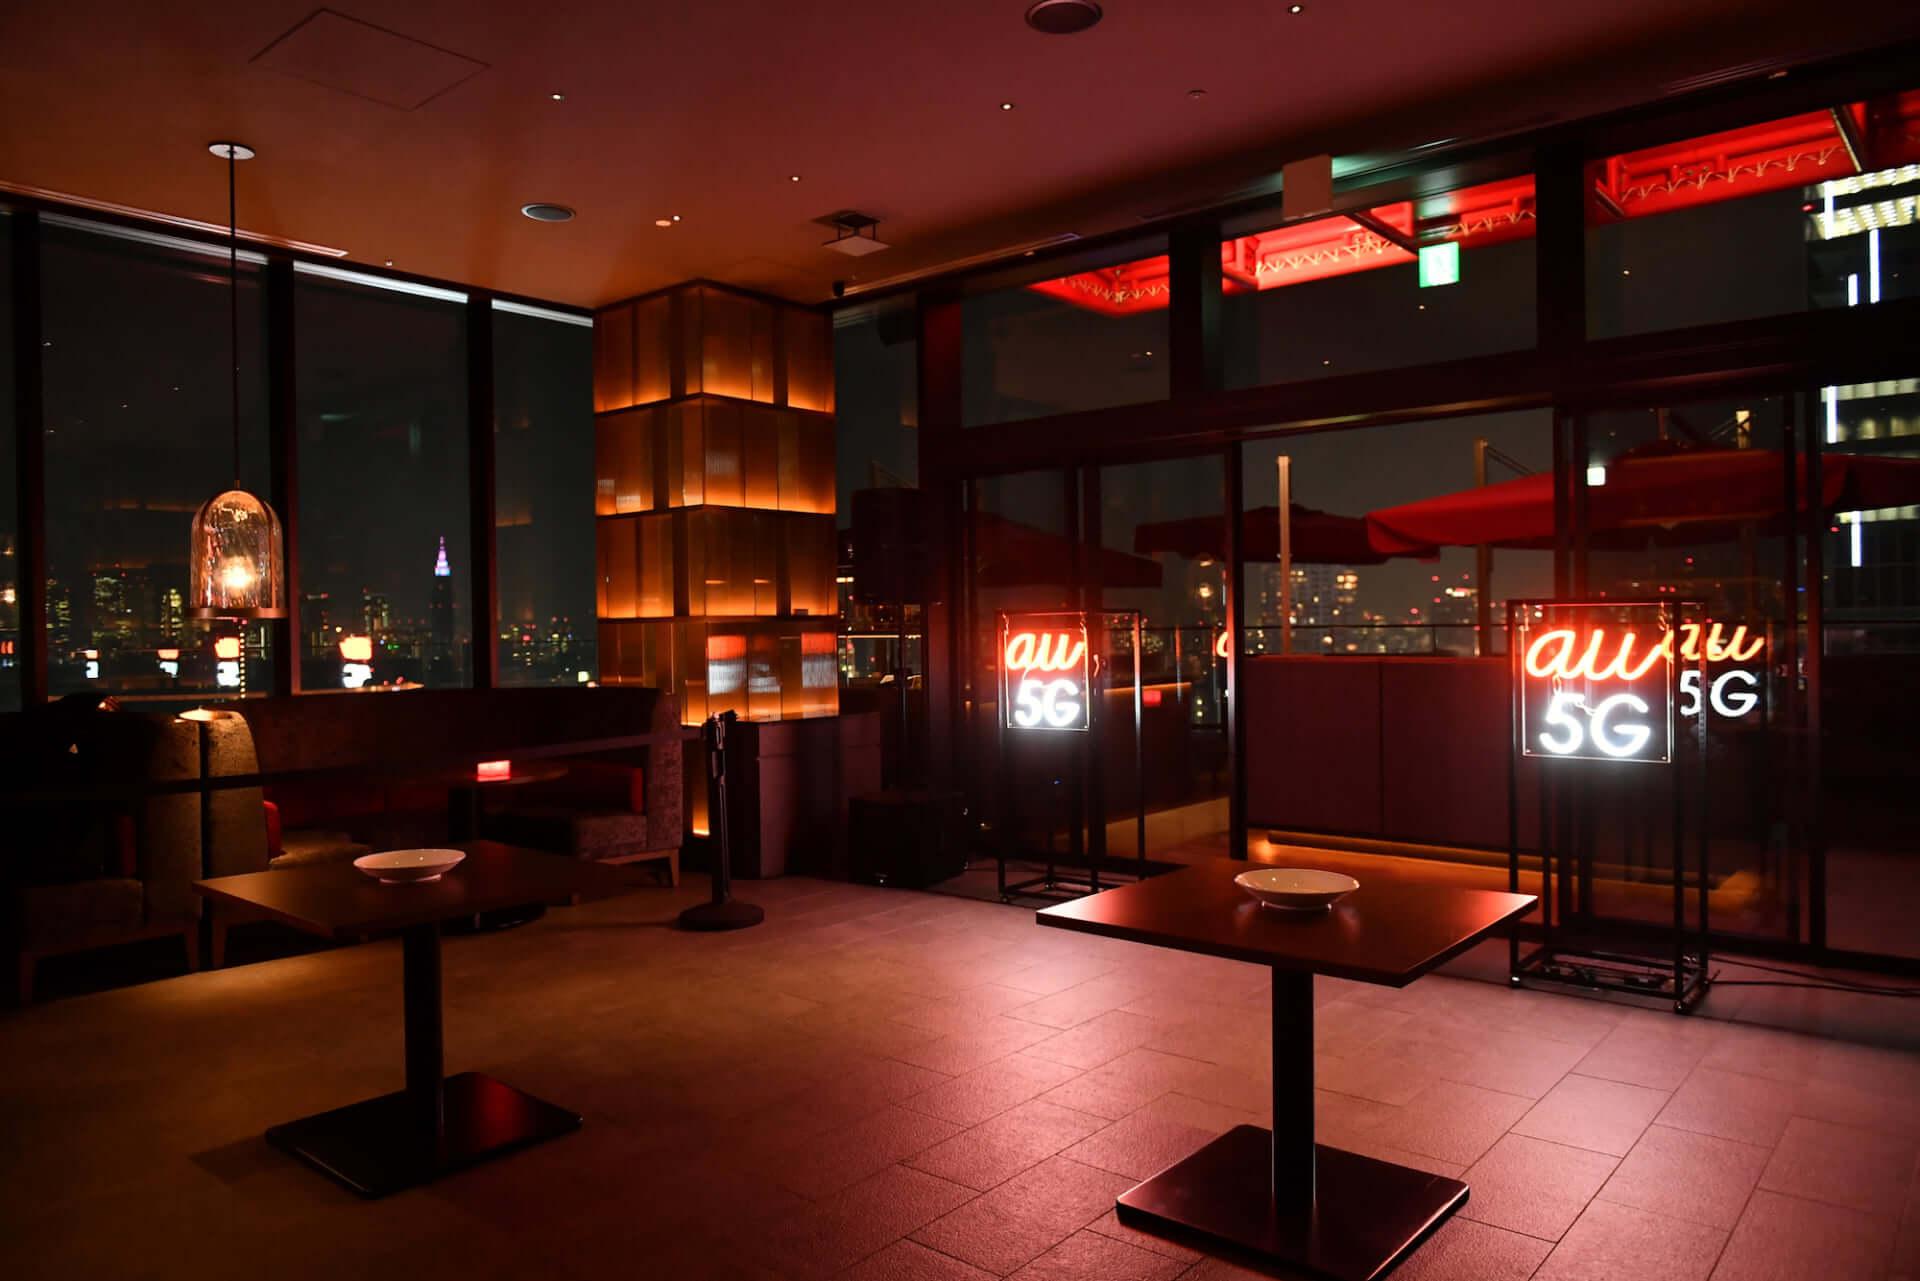 渋谷が5G×エンタメで盛り上がる!「渋谷5Gエンターテイメントプロジェクト」始動|キックオフパーティーにダレン・エマーソン、Licaxxxら登場 music200128_5g_0201-1920x1281